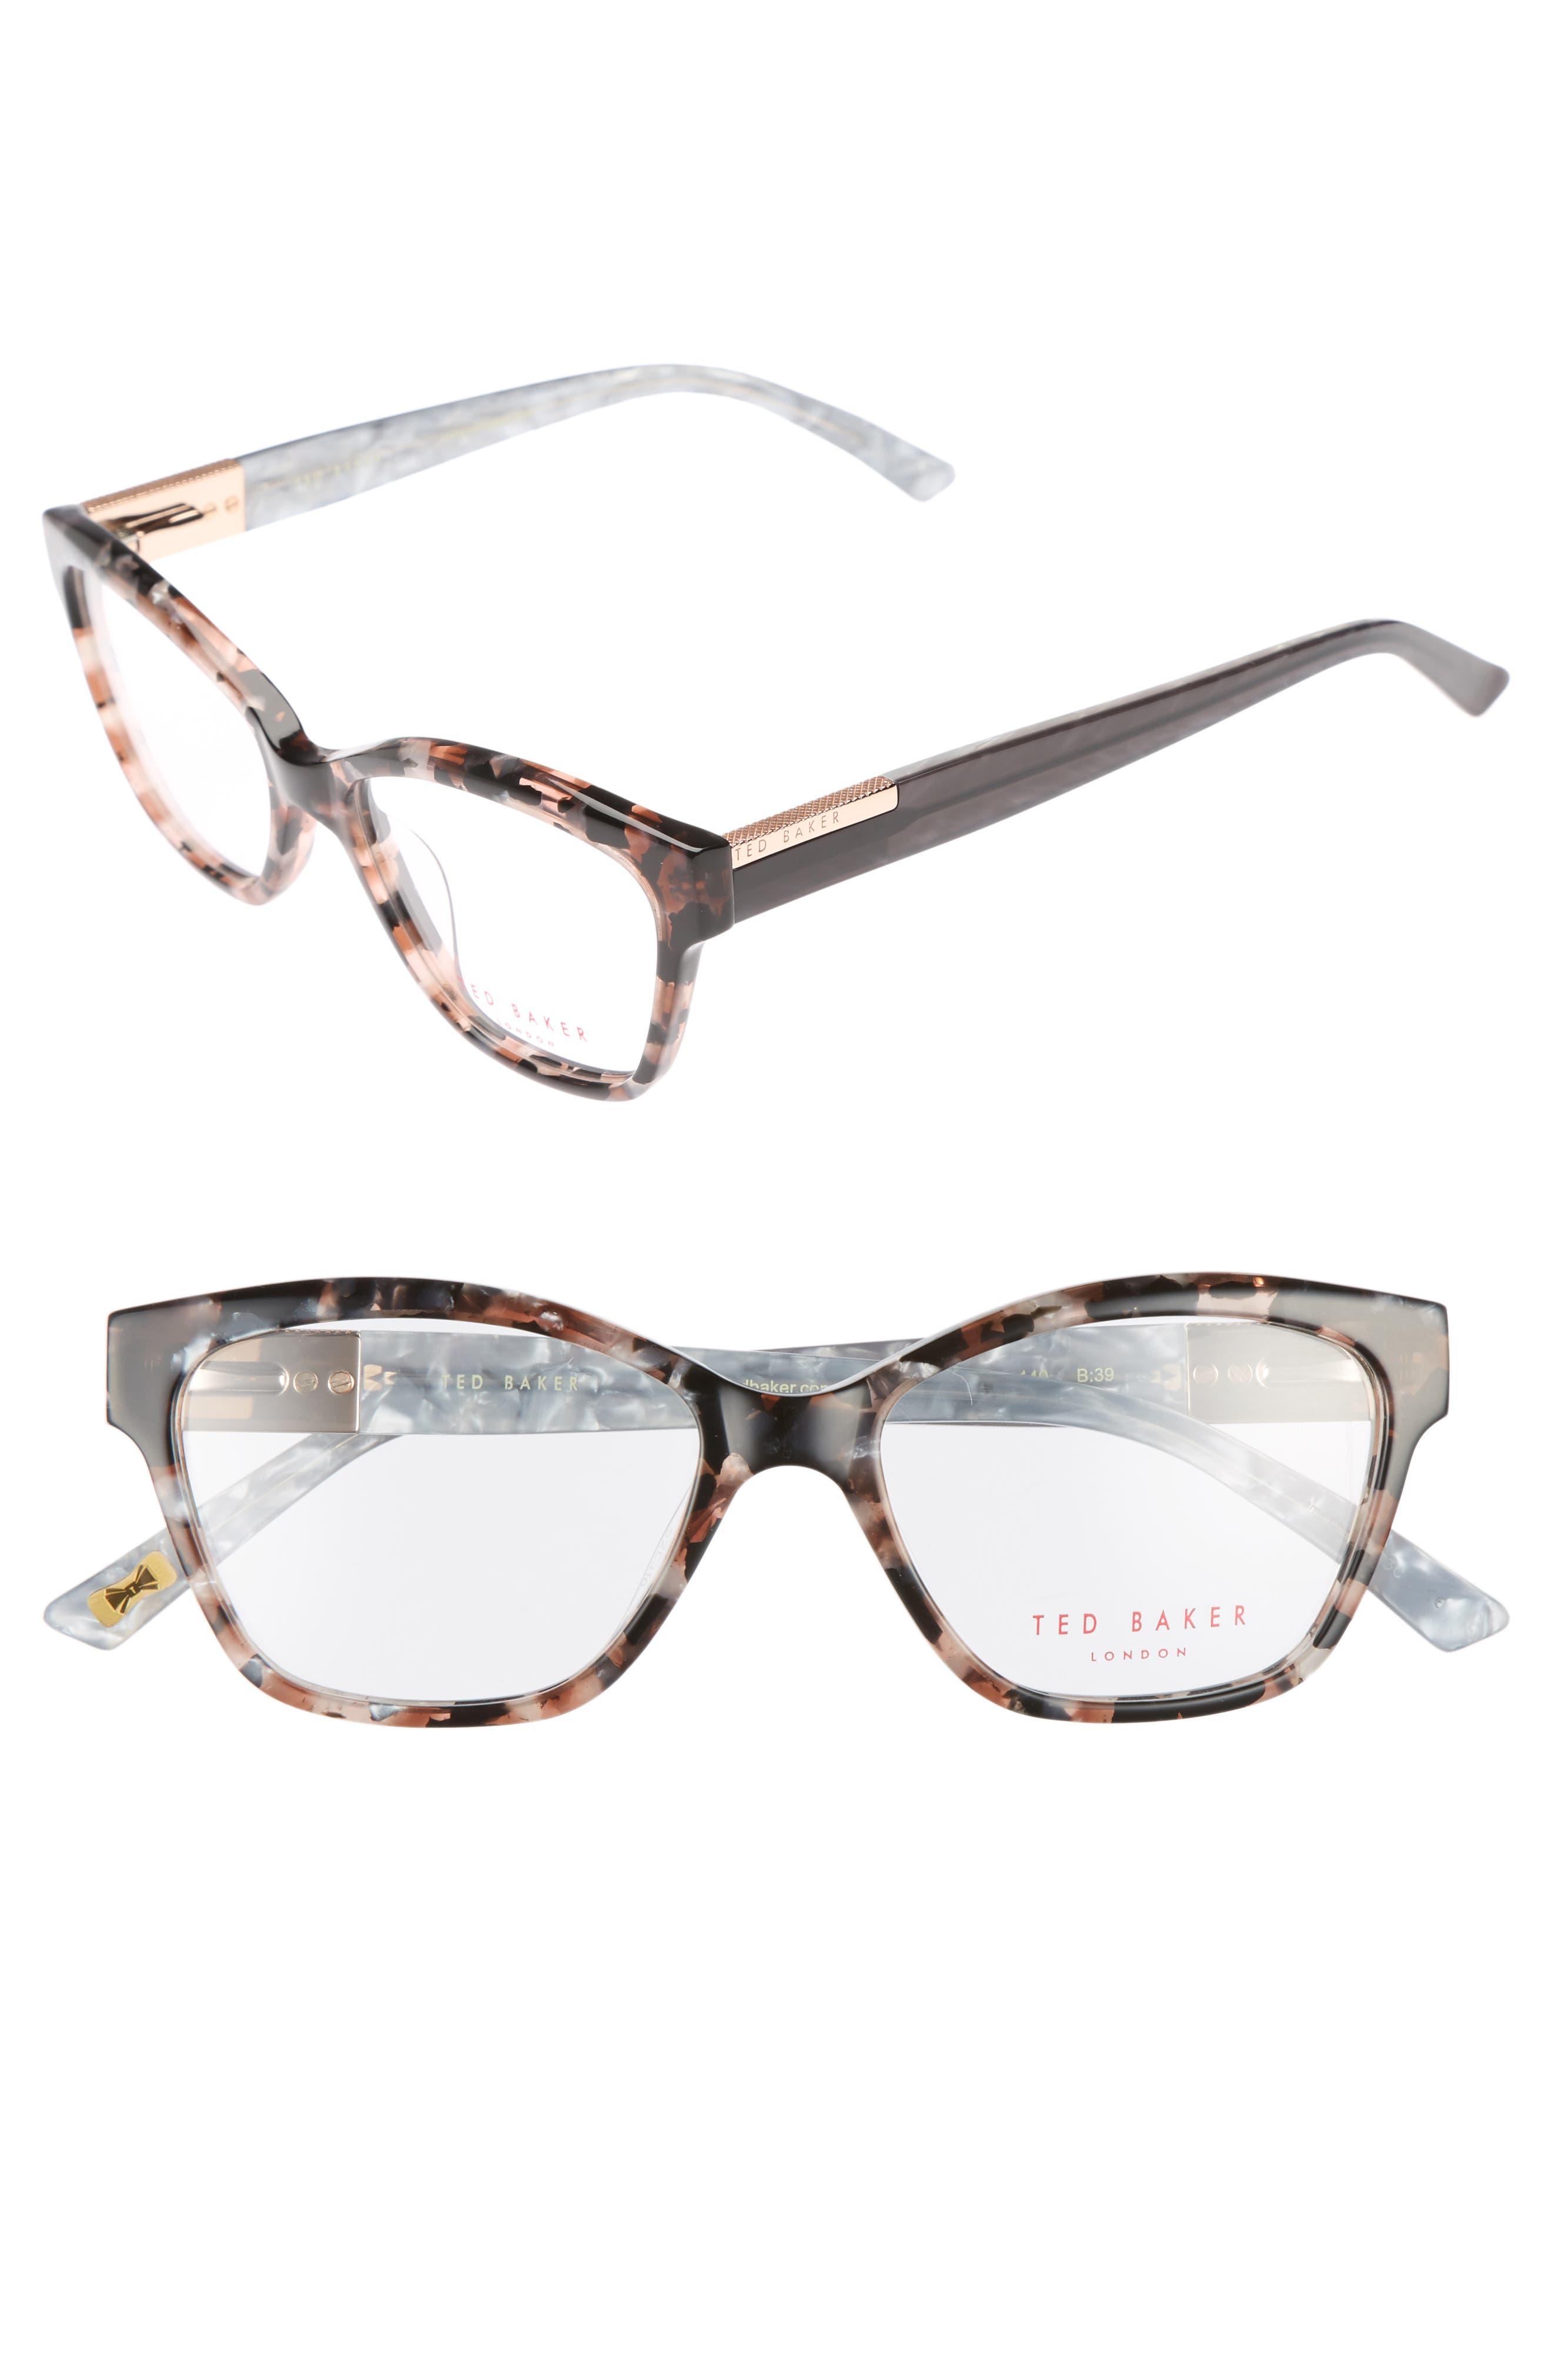 Alternate Image 1 Selected - Ted Baker London 52mm Optical Cat Eye Glasses